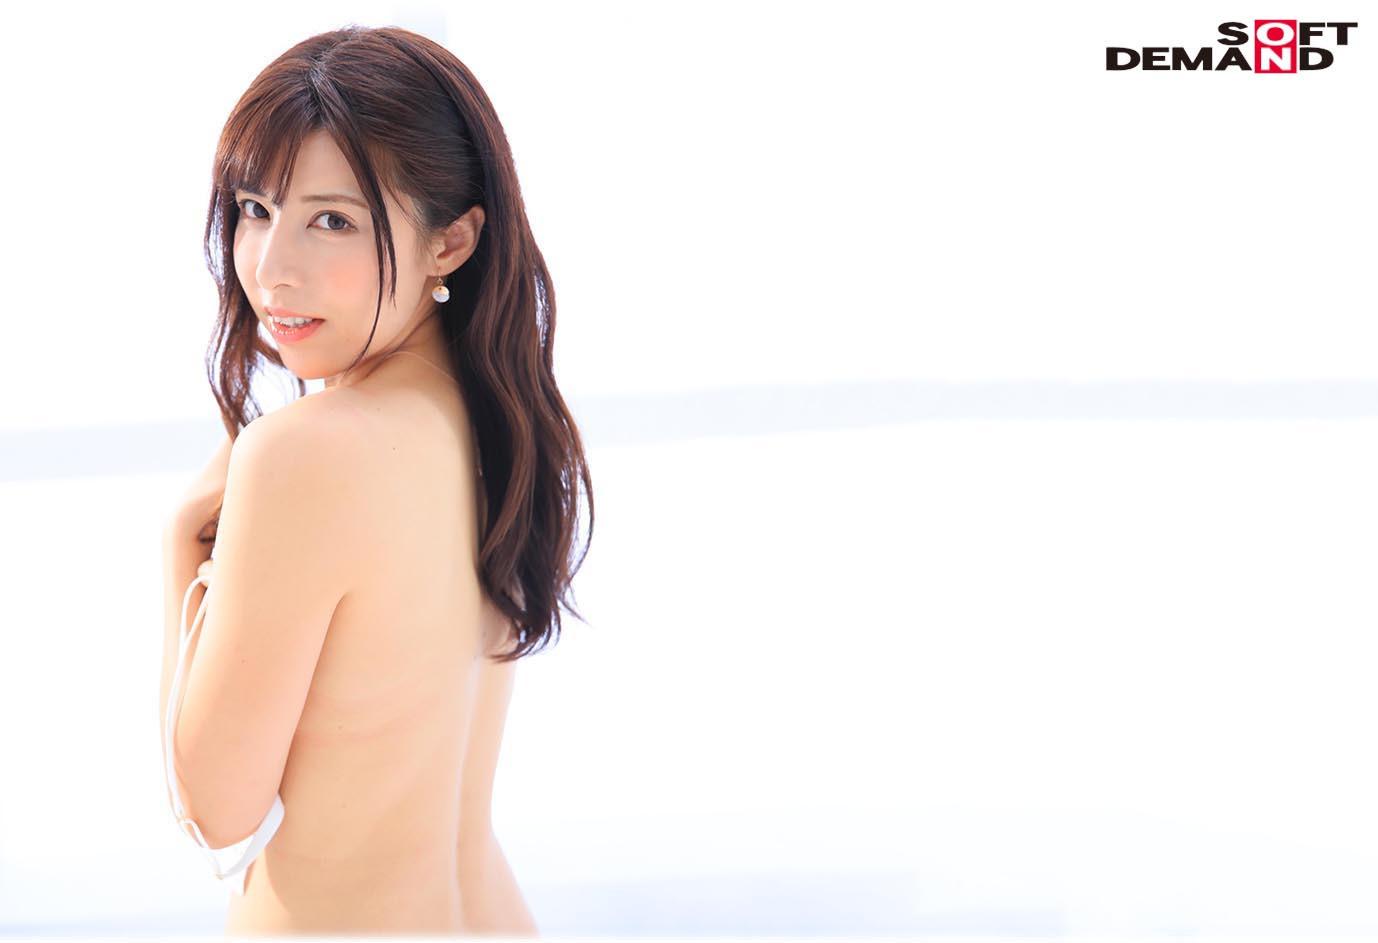 「お金よりも大切な何かを見つけに来ました・・・」 冨田朝香 38歳 AV DEBUT 画像2